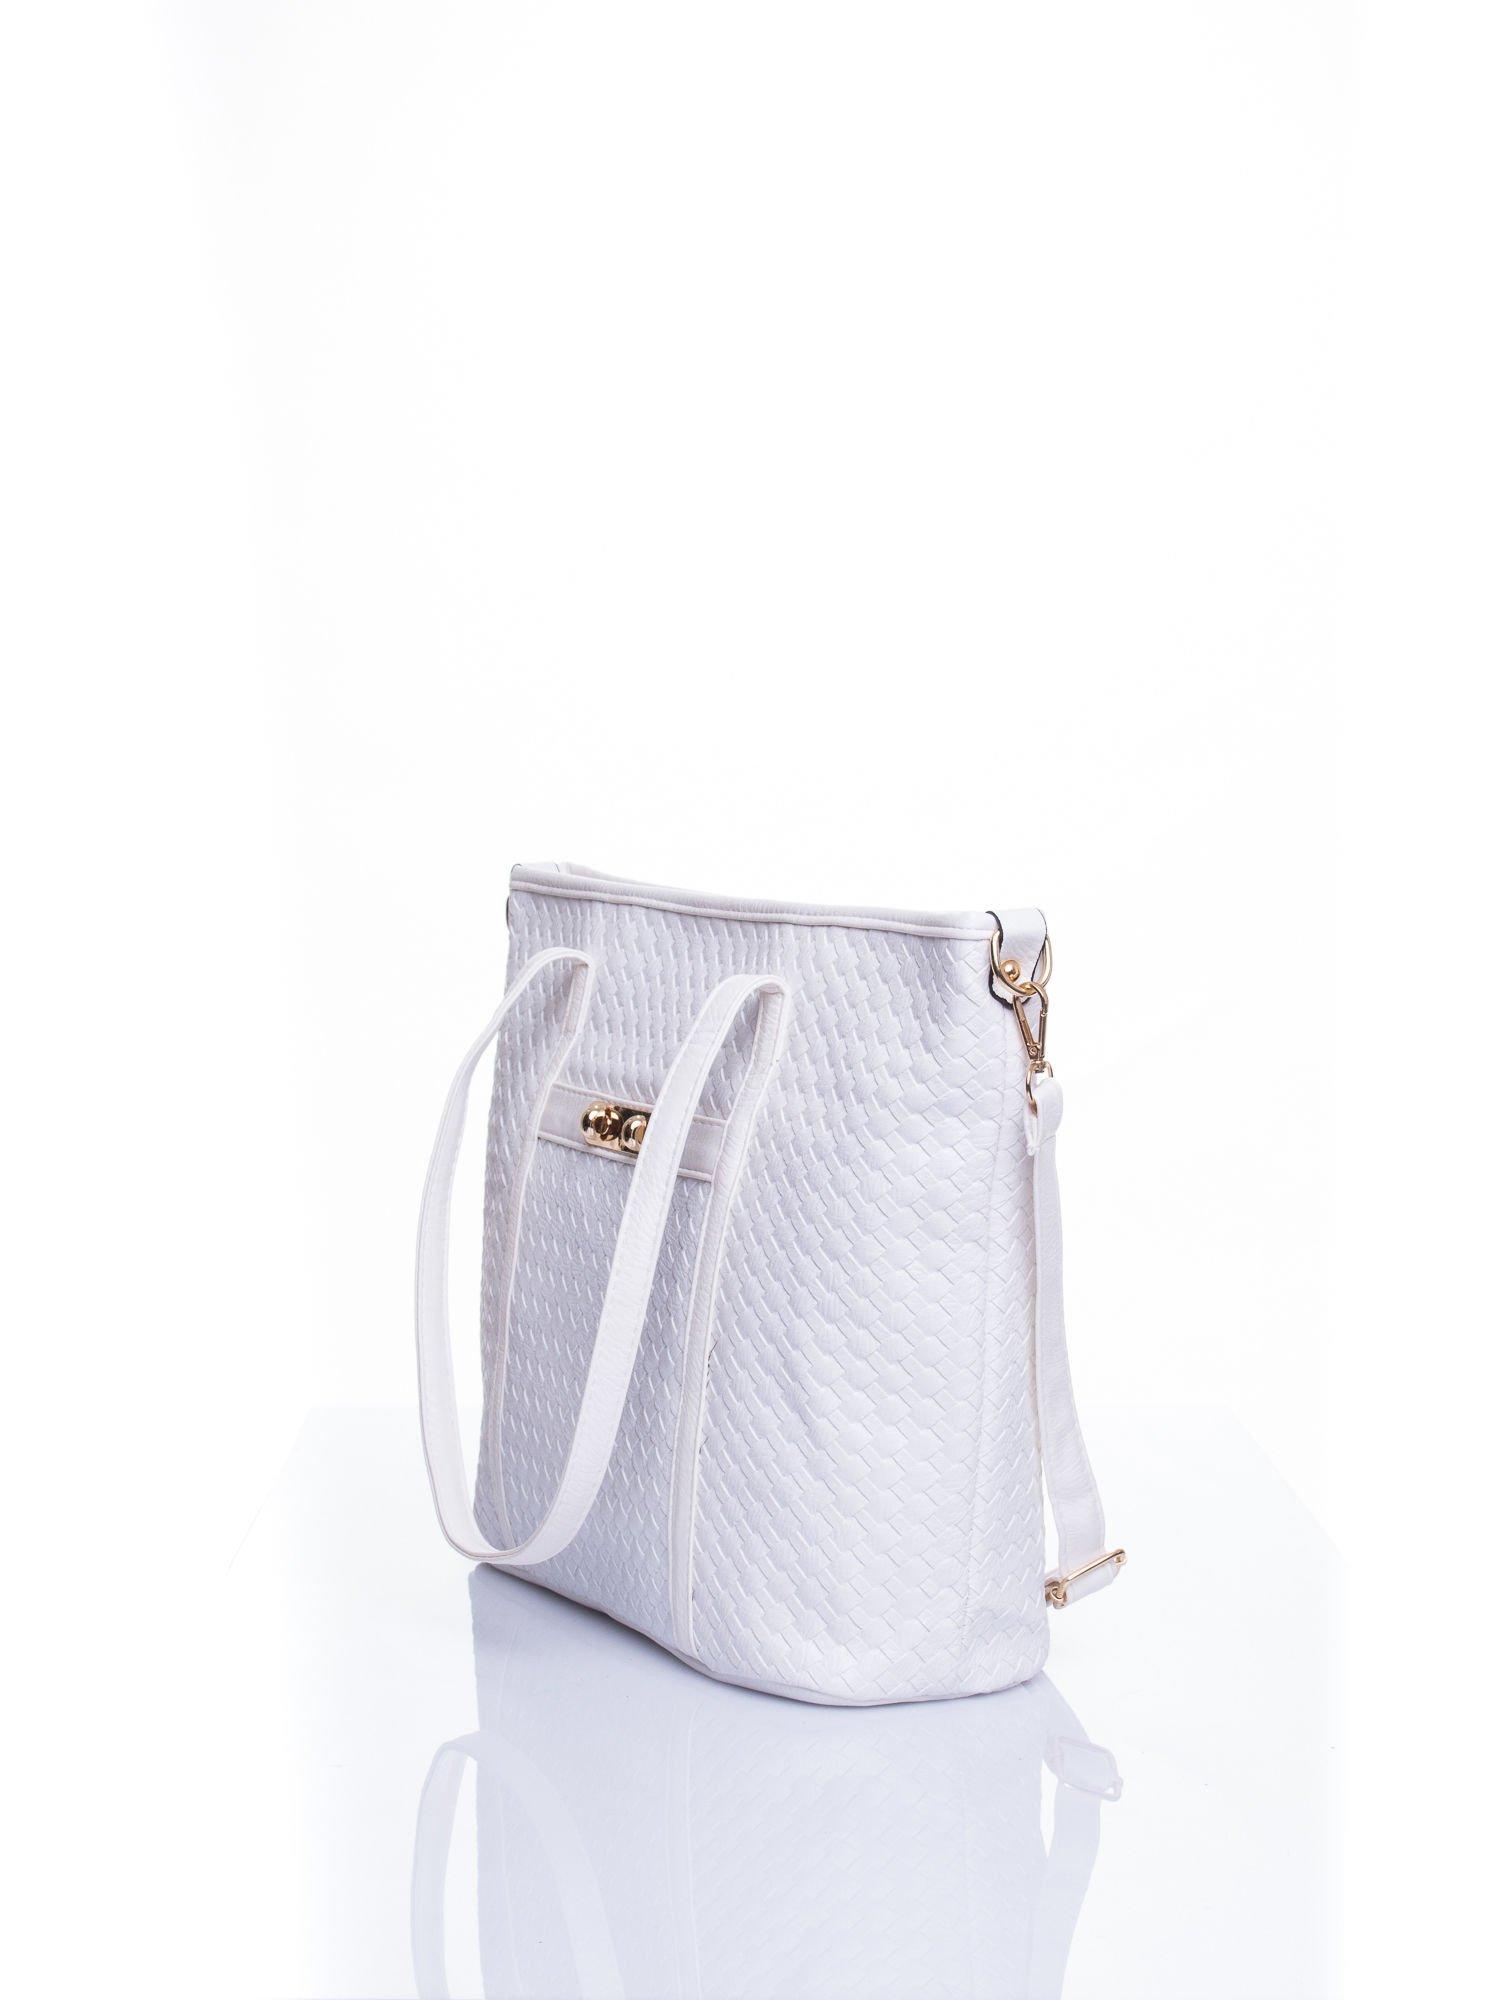 Biała pleciona torba shopper bag ze złotym detalem                                  zdj.                                  4